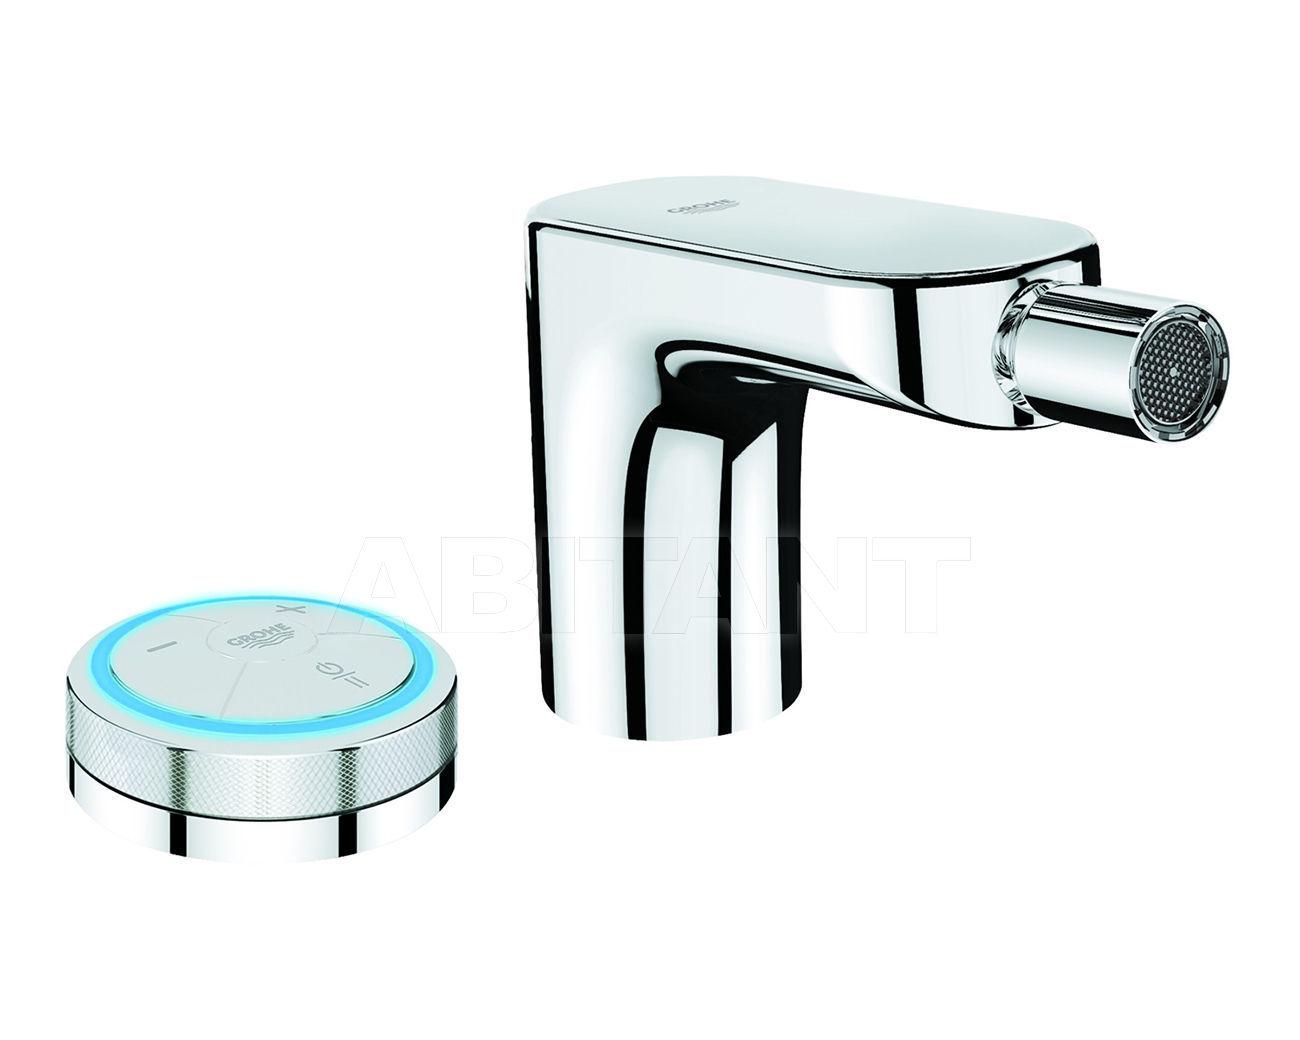 Купить Смеситель для биде Veris F-digital Grohe 2012 36 286 000